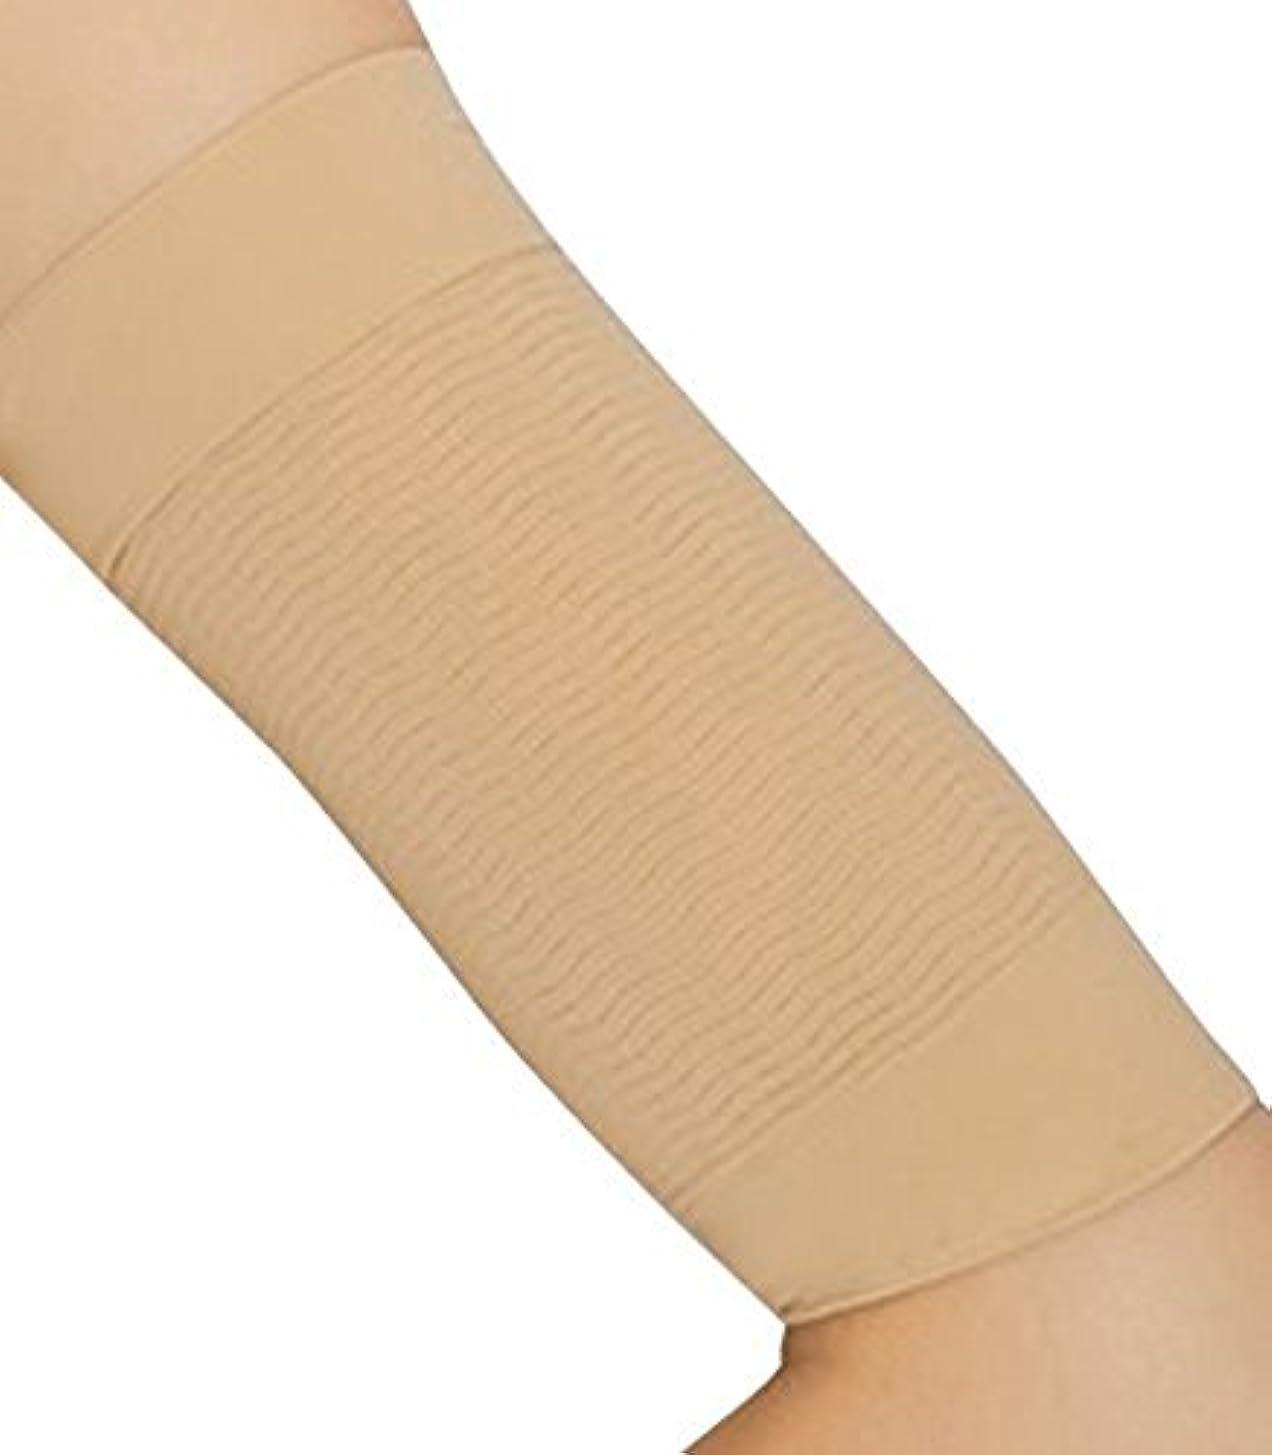 除外する注釈を付けるピックCREPUSCOLO 二の腕引き締め! 二の腕シェイパー 二の腕 引き締め 二の腕痩せ ダイエット 二の腕ダイエット インナー シェイプアップ 脂肪燃焼 セルライト 加圧下着 (ベージュ)